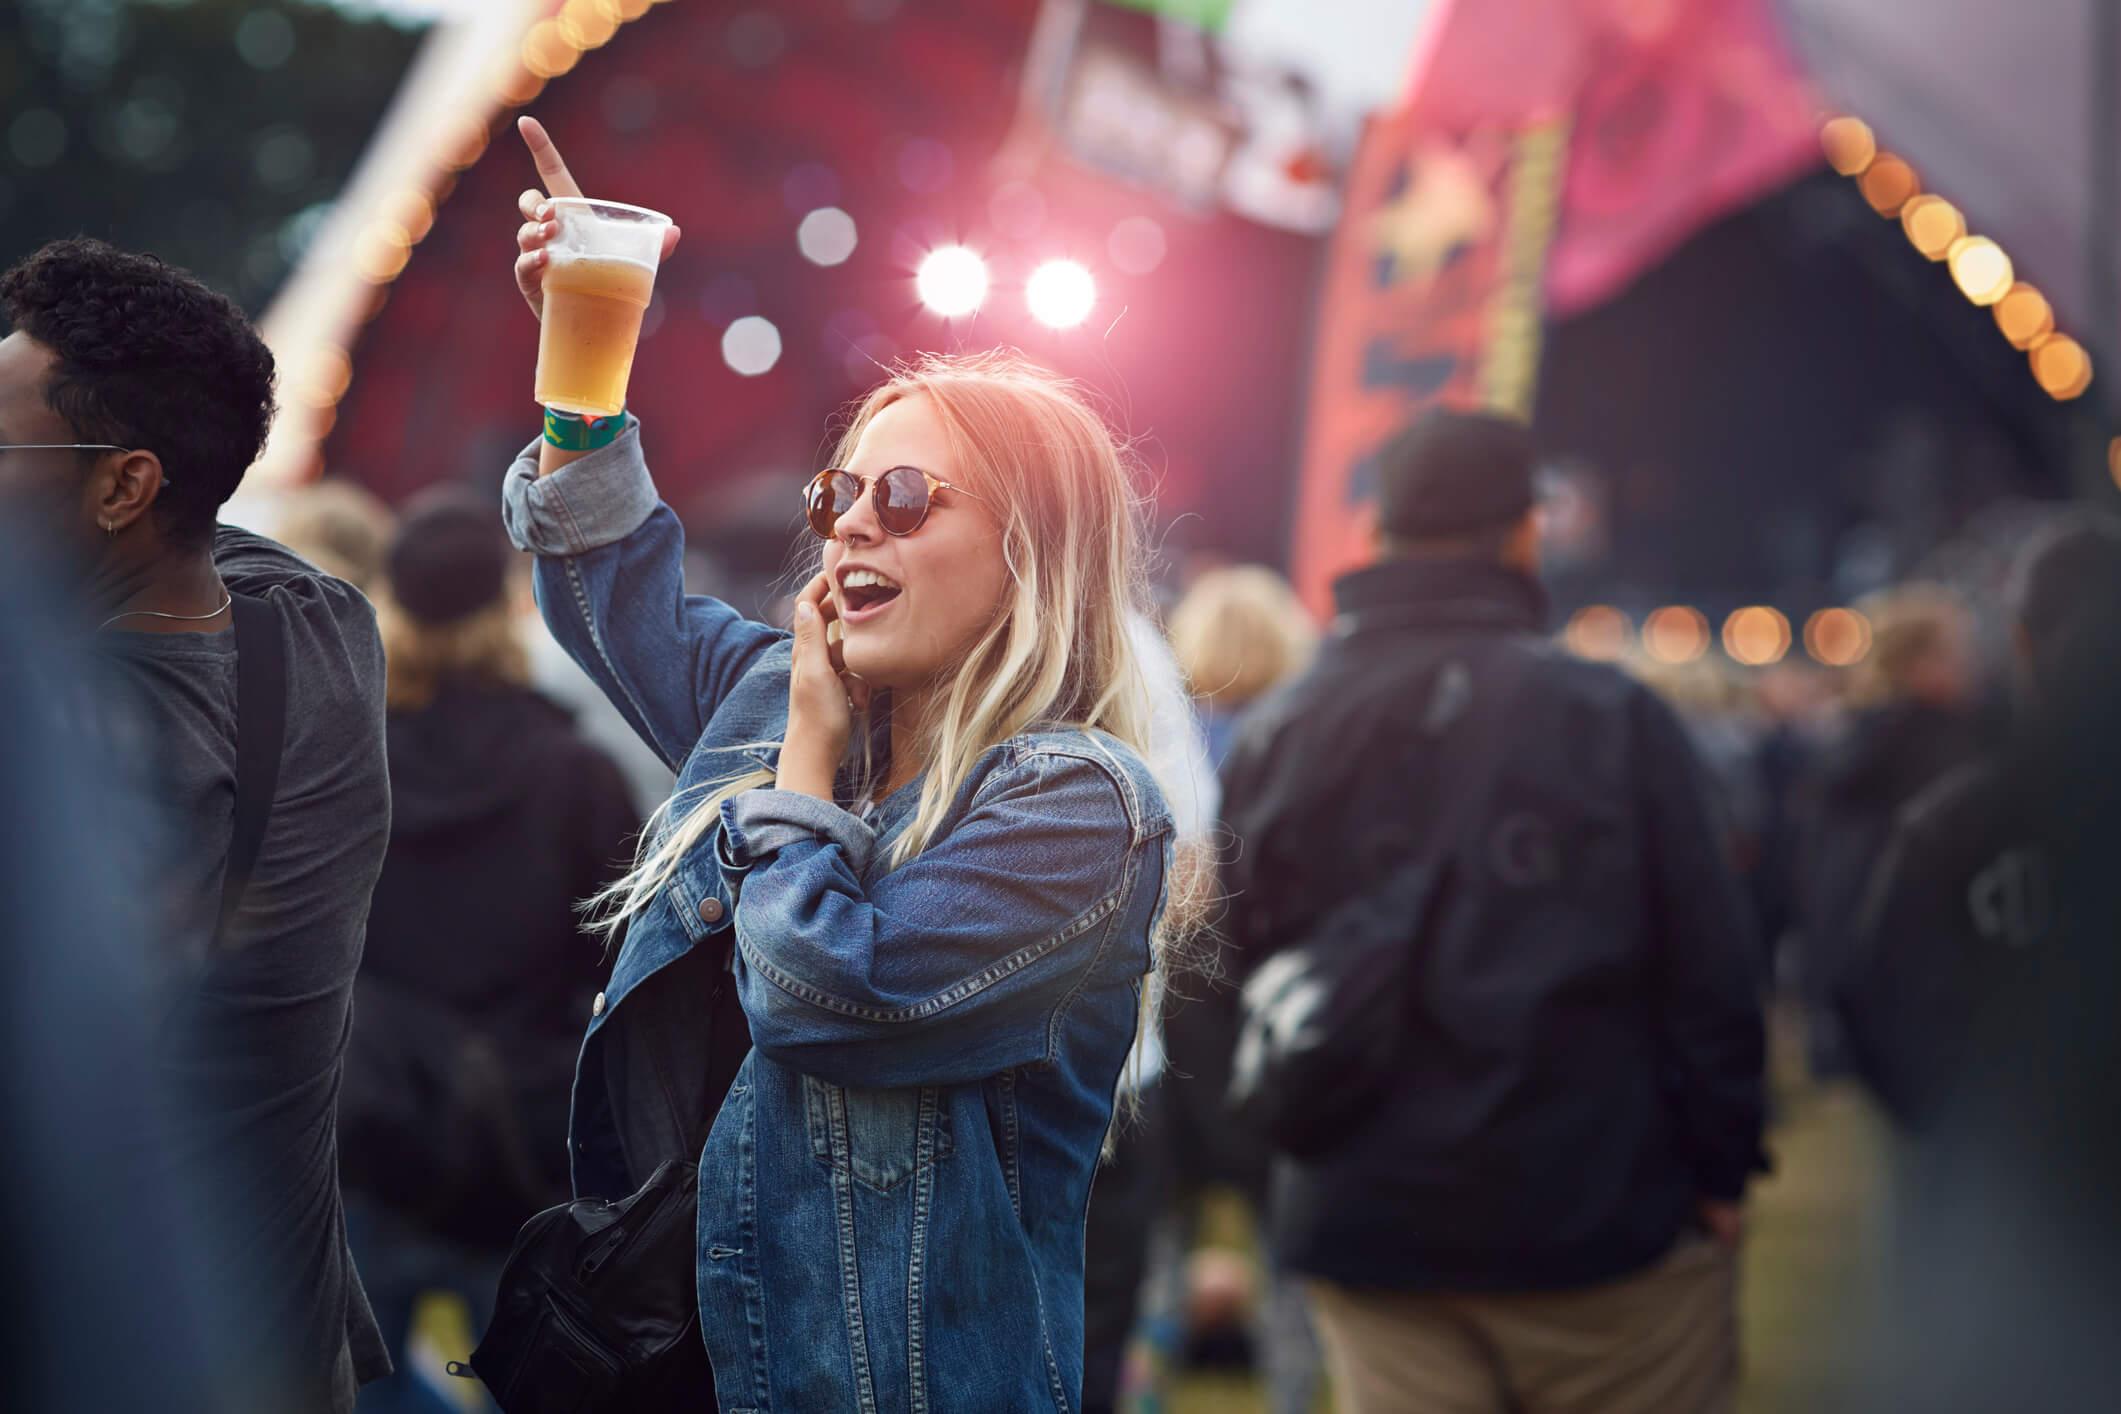 Сухой закон: что будет, если не пить алкоголь на протяжении месяца-320x180